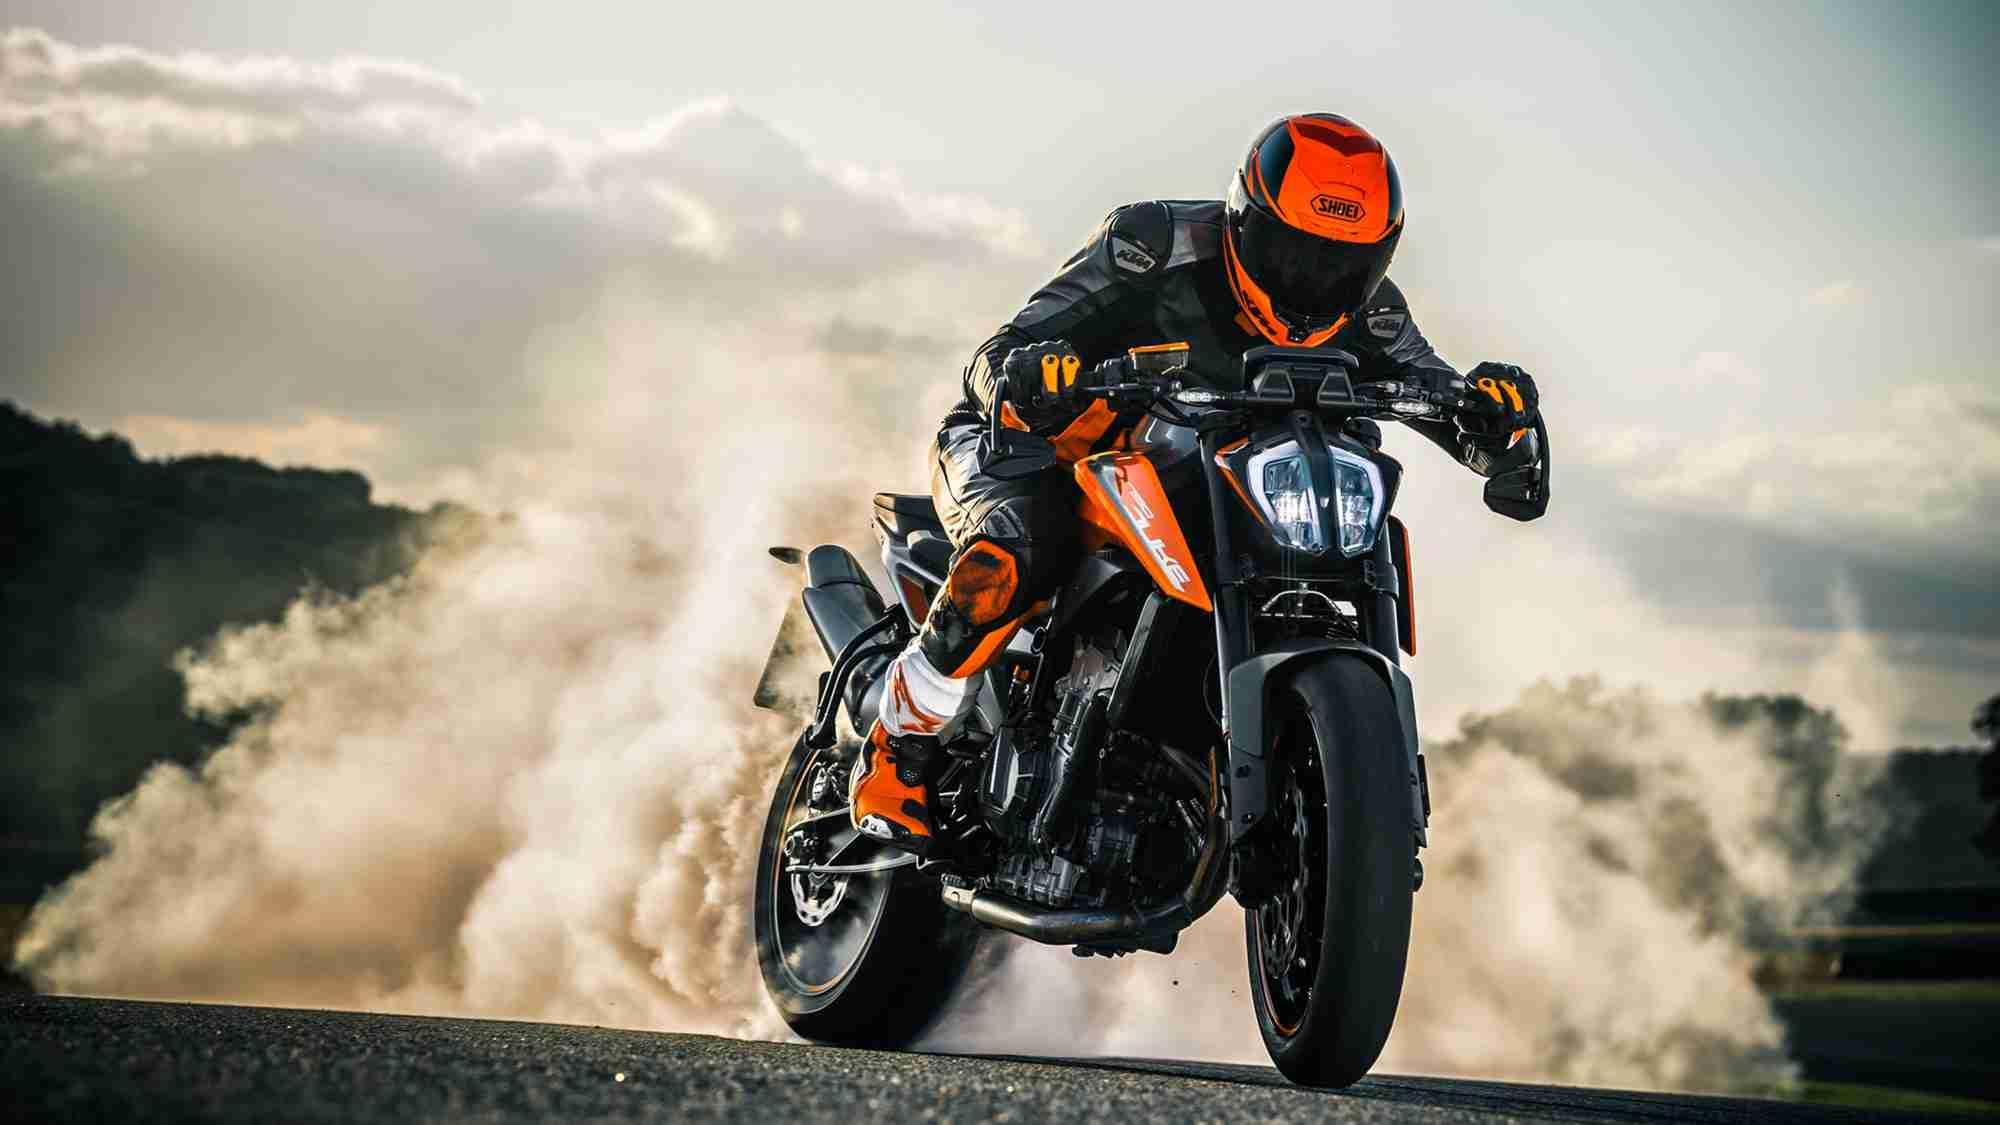 2018 KTM 790 Duke images